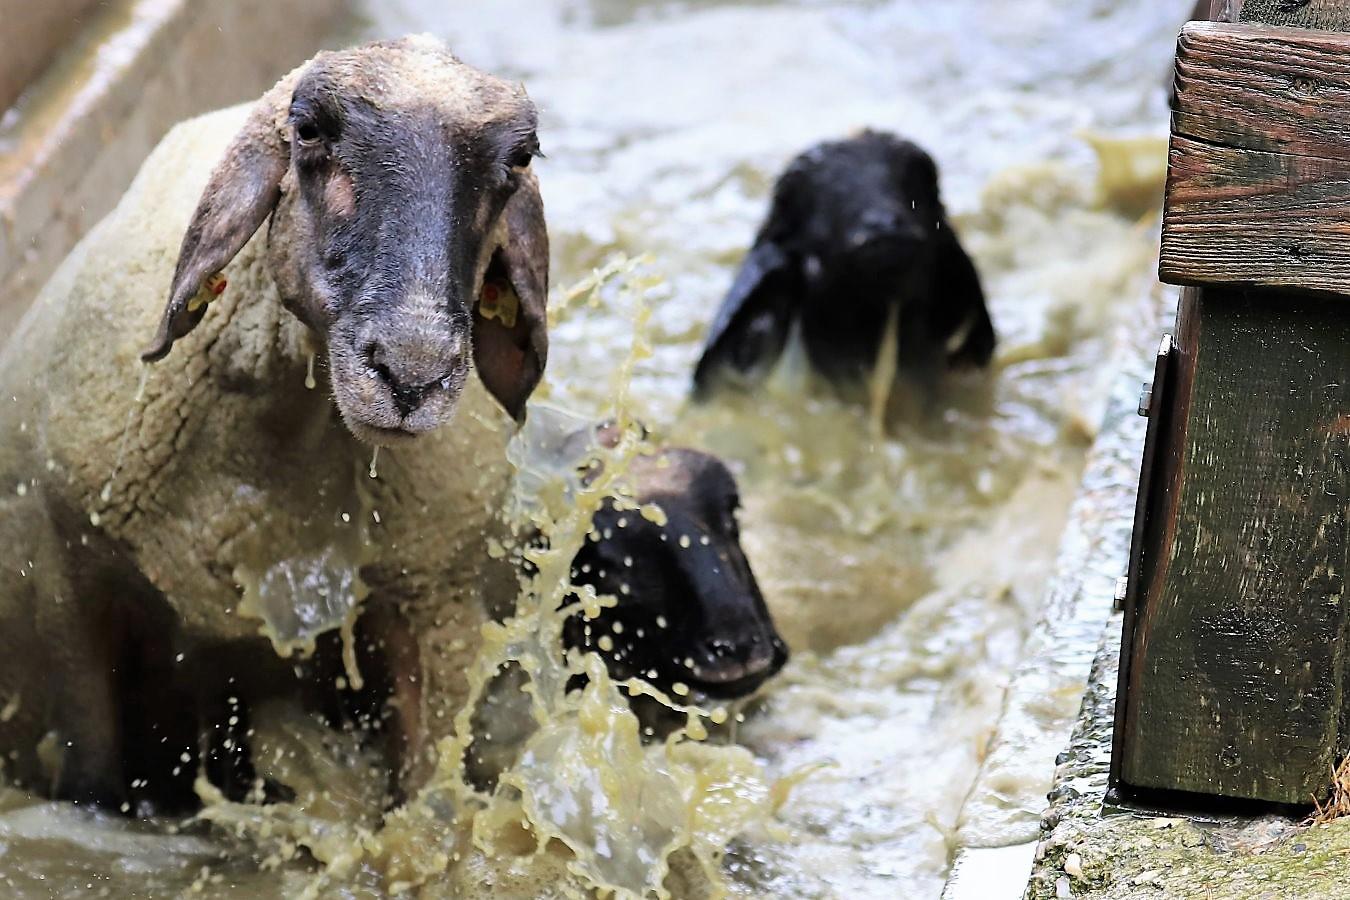 Das Schafbad schützt Schafe und Ziegen vor Klauenseuche und anderen Krankheiten. Foto: Knut Kuckel